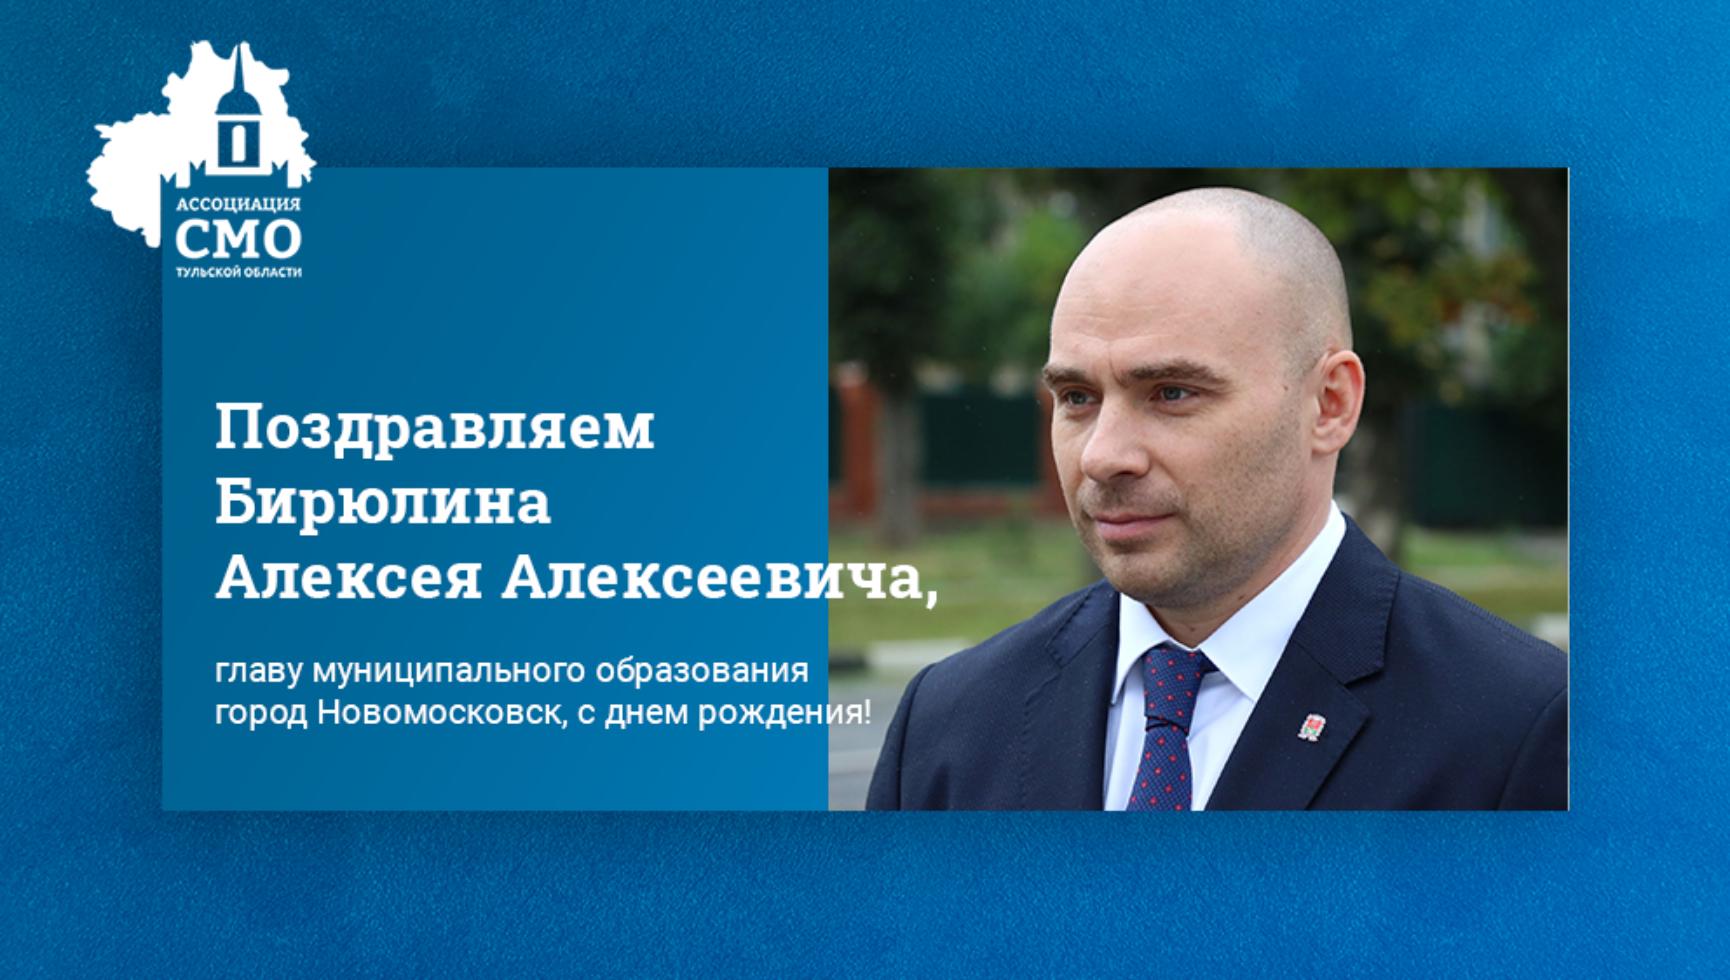 Поздравляем Бирюлина Алексея Алексеевича, главу муниципального образования город Новомосковск, с днем рождения!